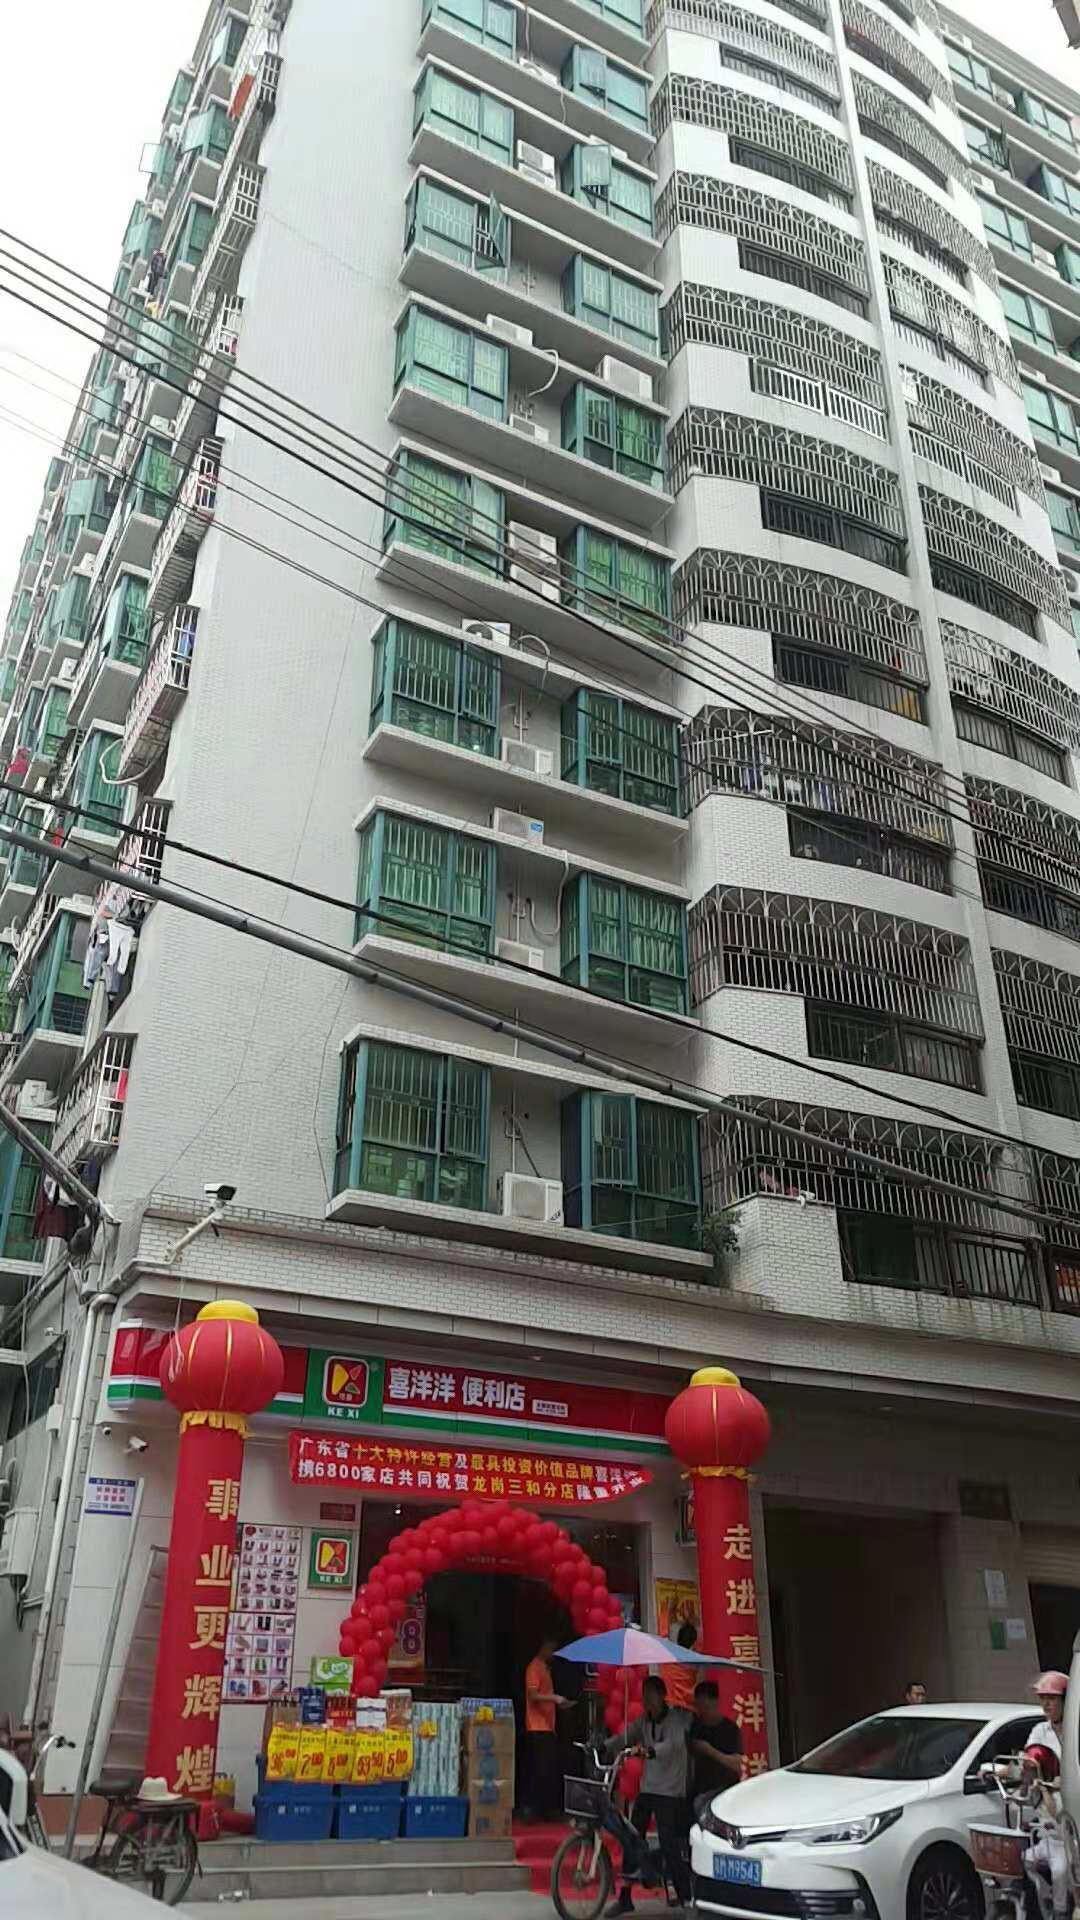 热烈祝贺喜洋洋11月10日又迎来新店开业:深圳龙岗三和分店